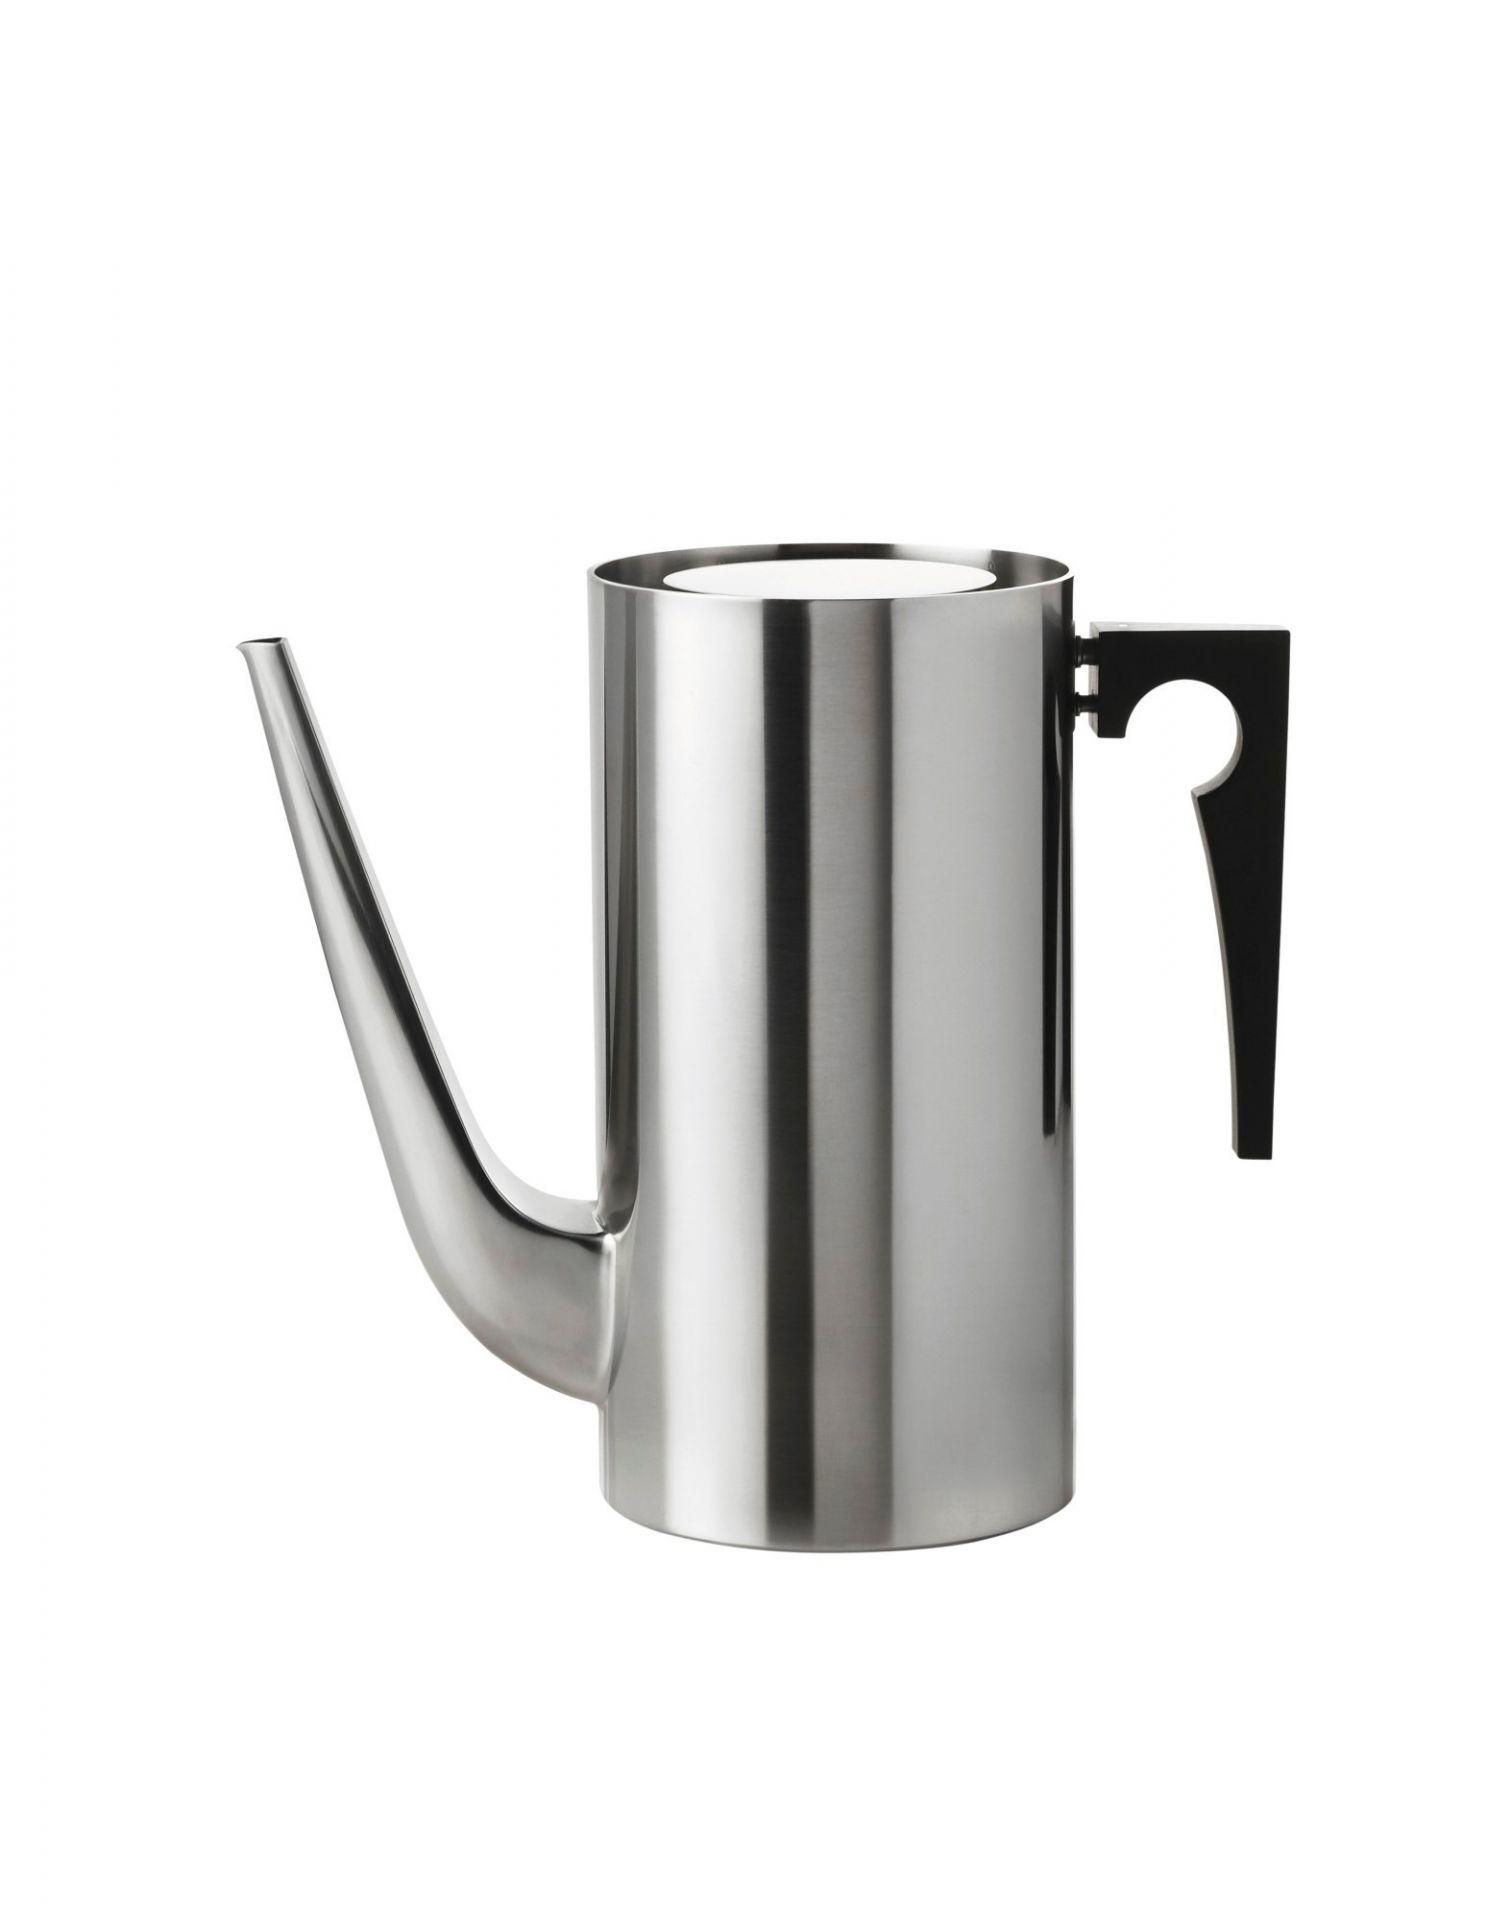 AJ Kaffeekanne Stelton